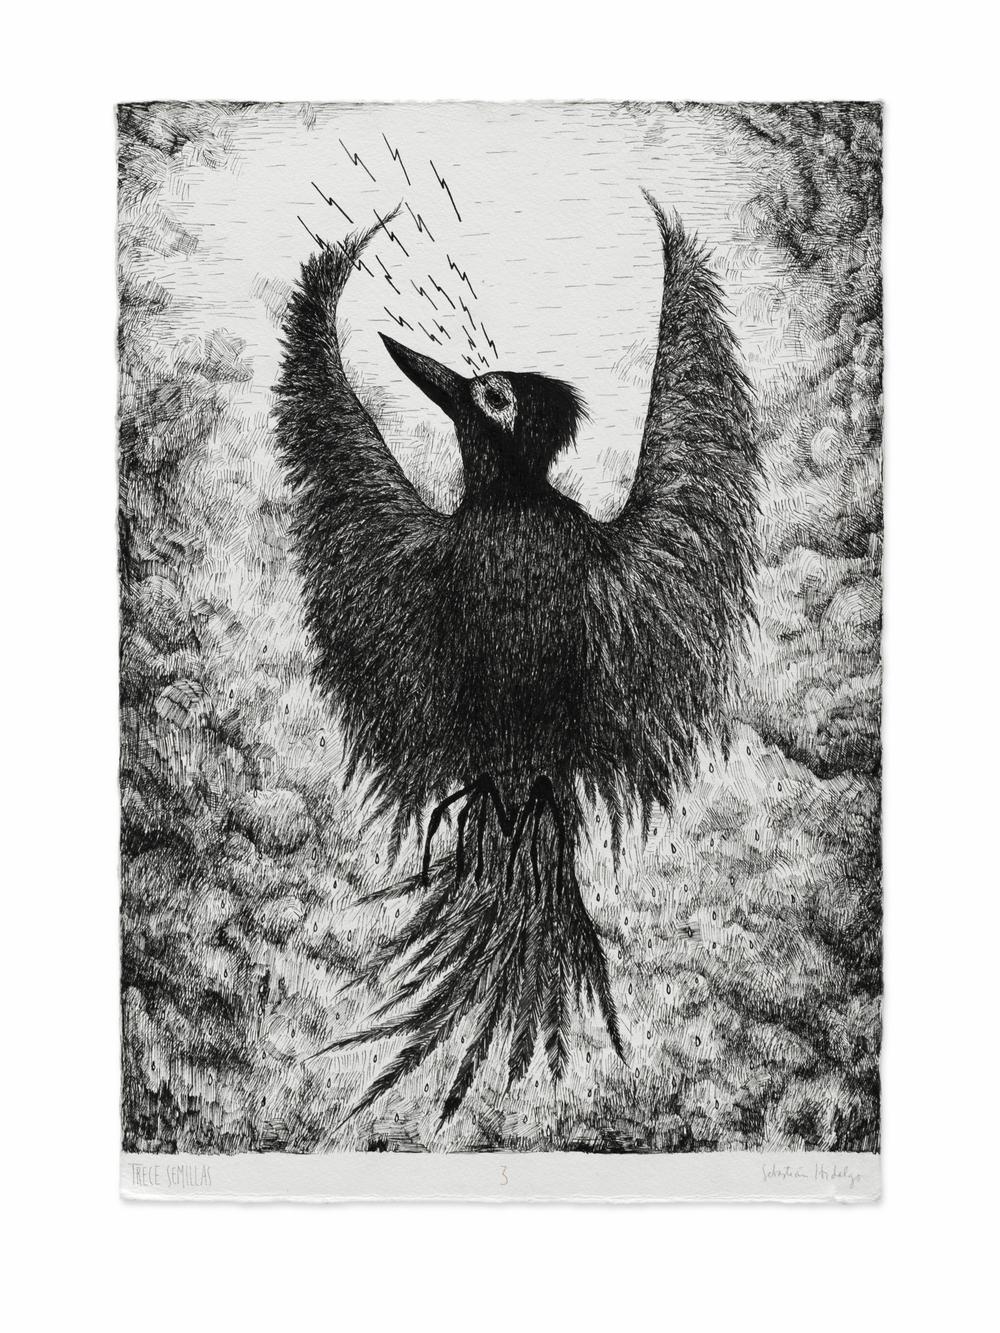 Trece semillas/3, 2015 Ink on paper, 39 x 26.5 cm